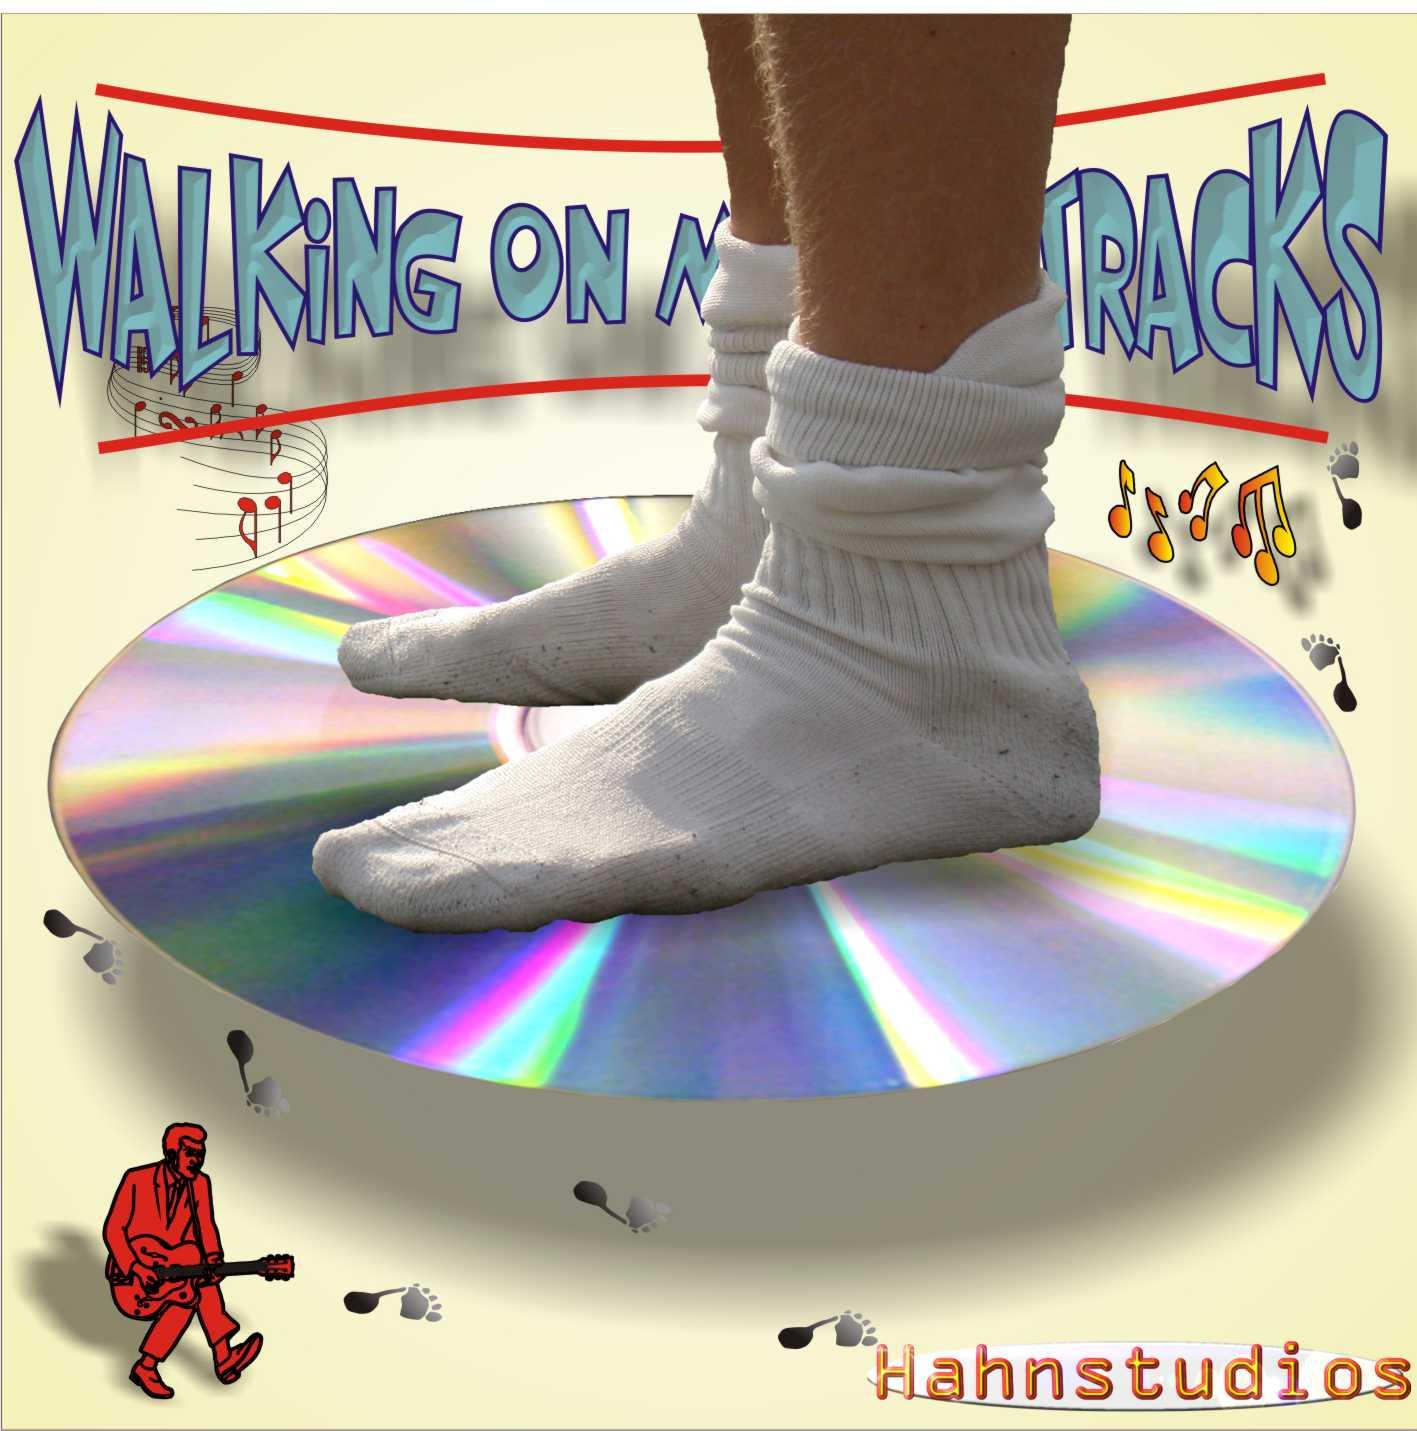 [Walking+on+cover+www.jpg]